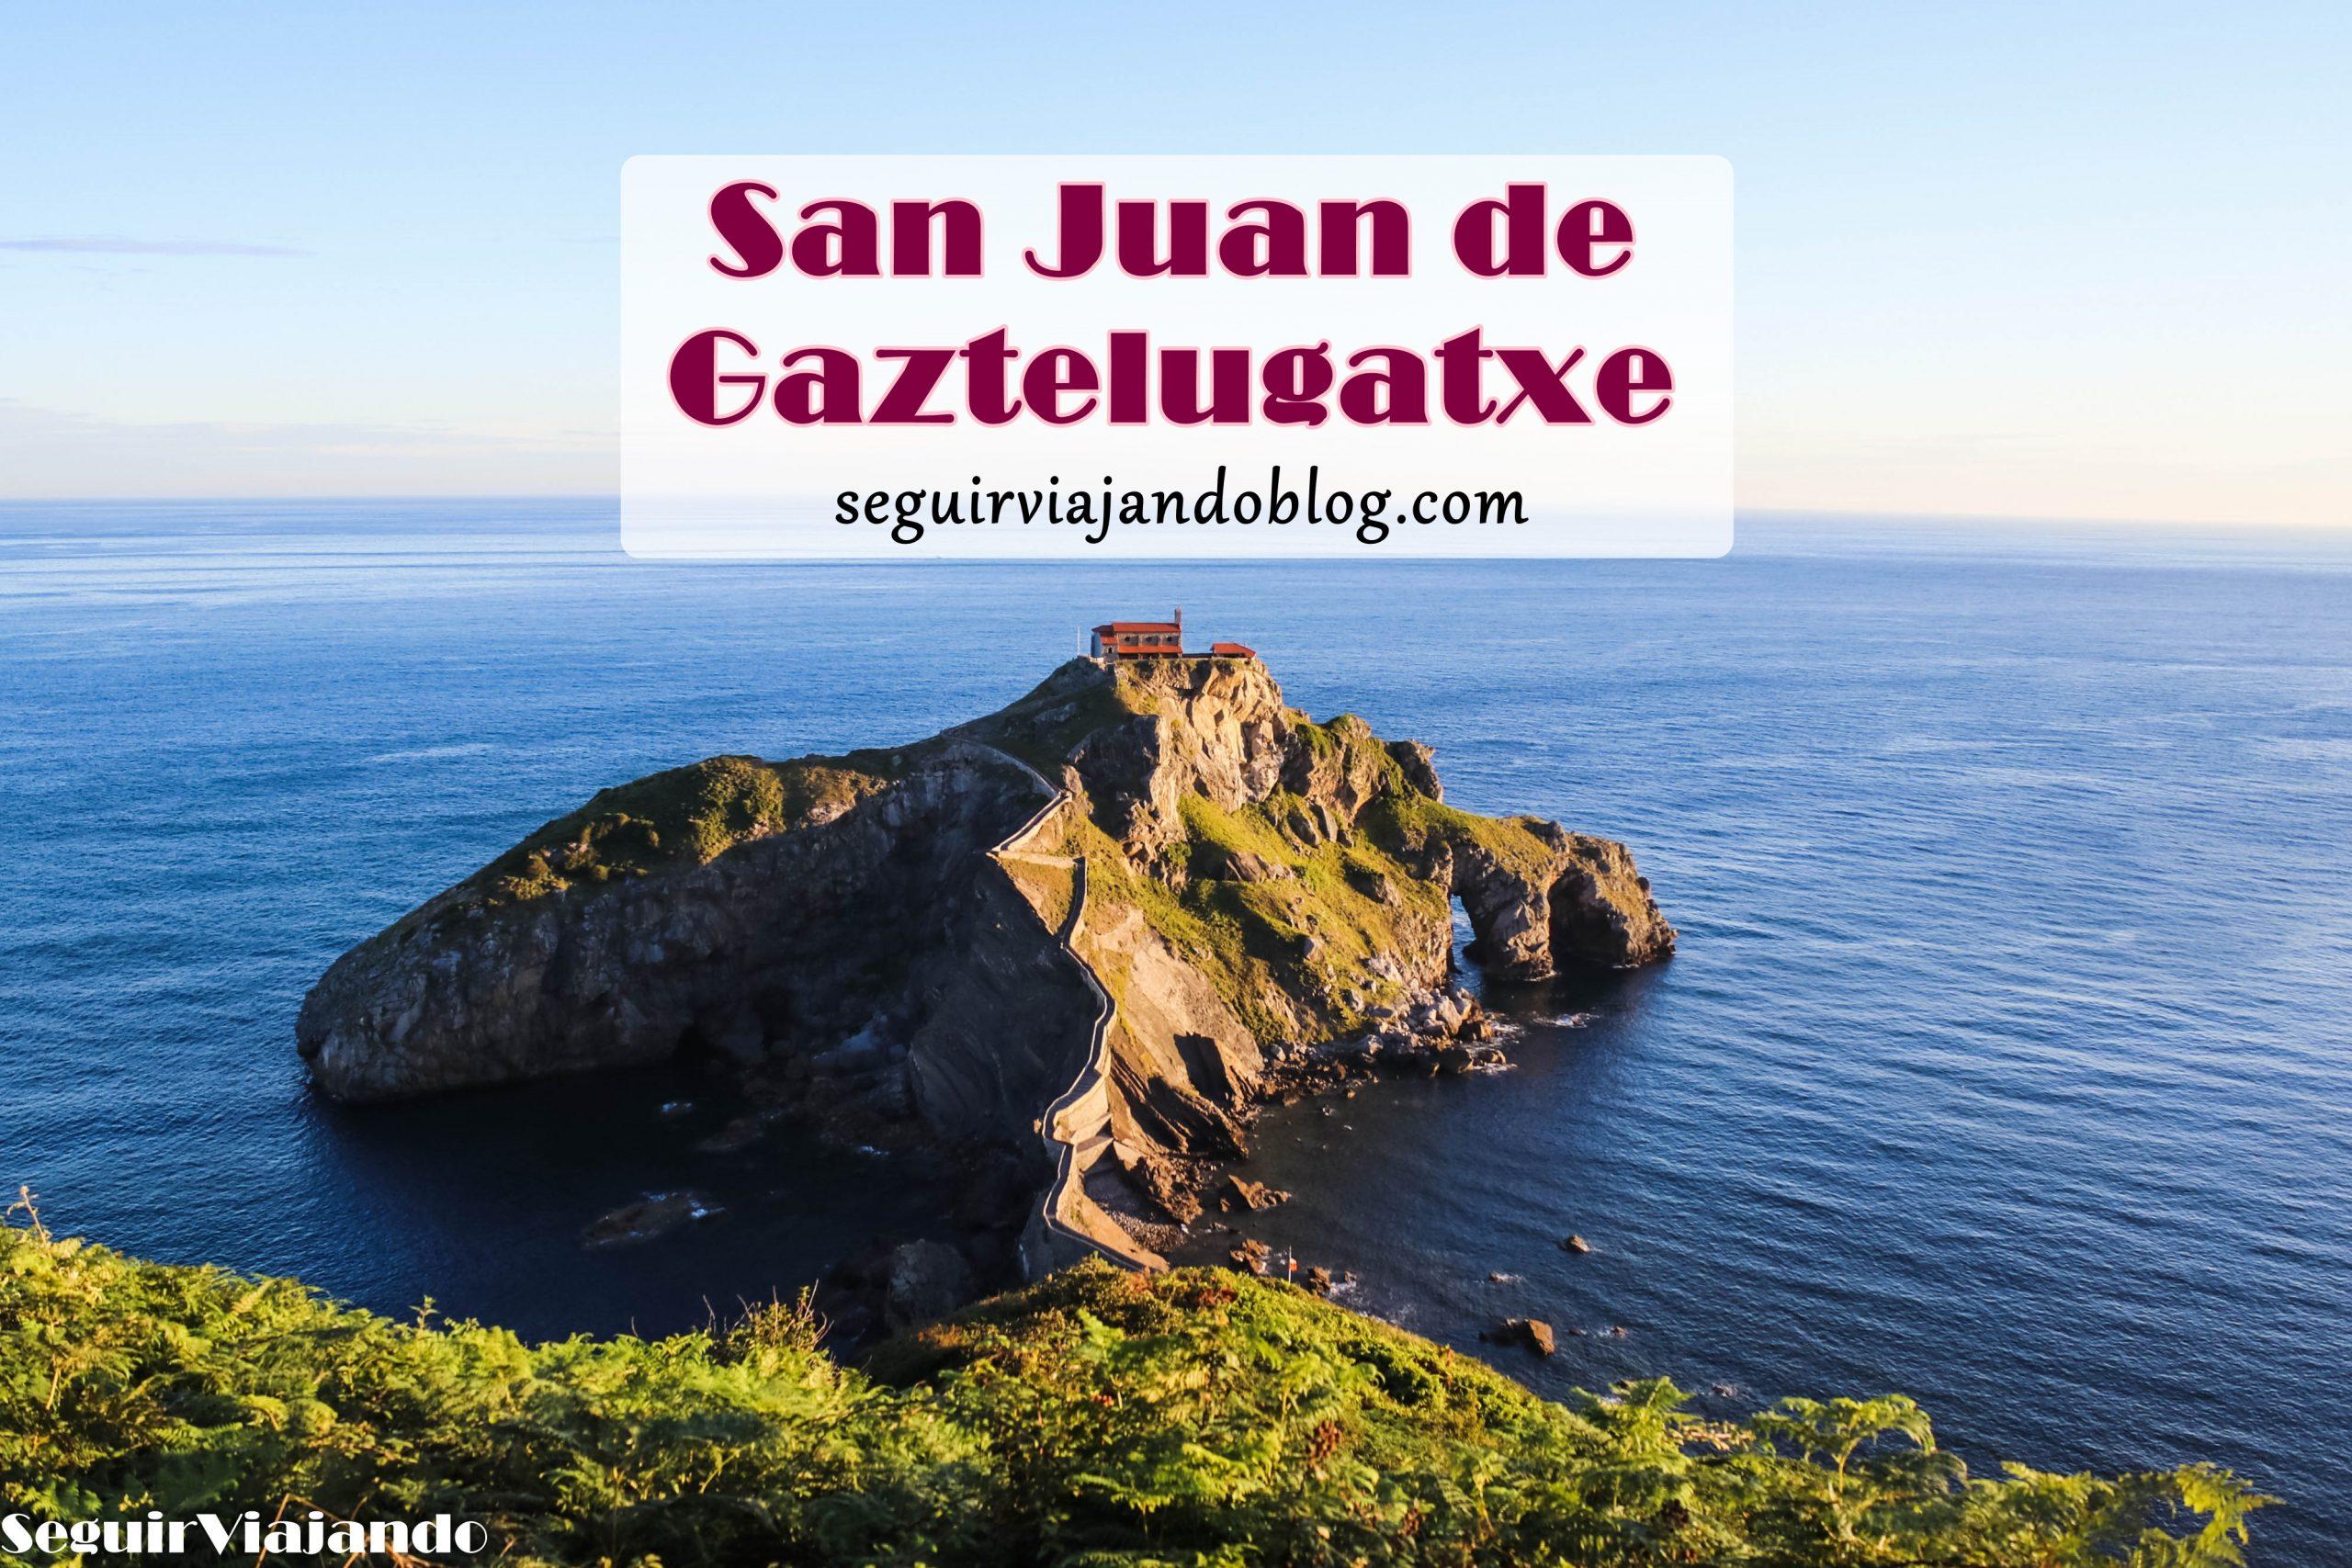 San Juan de Gaztelugatxe - Seguir Viajando